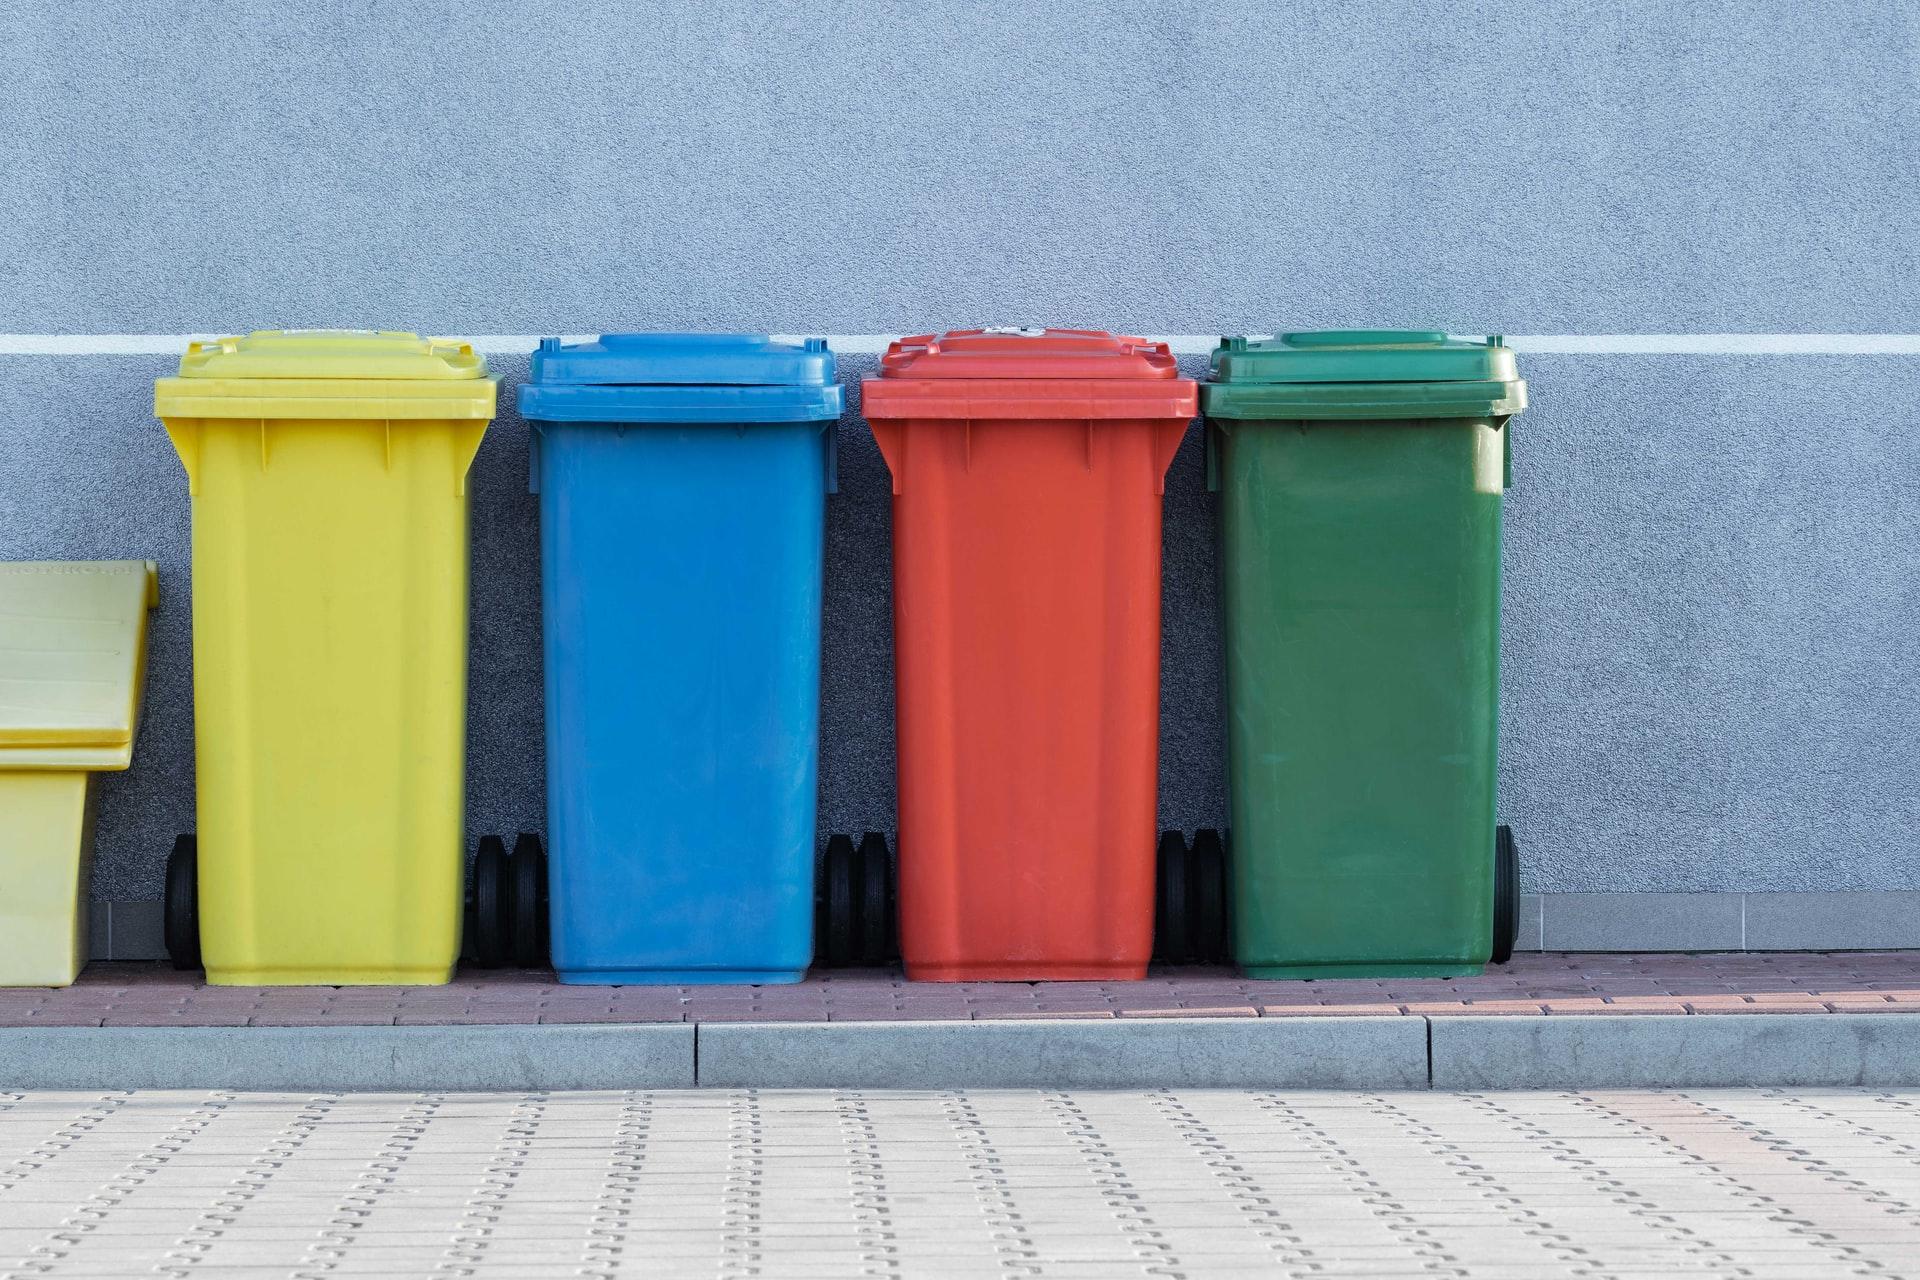 cubos de baLos cubos de reciclaje de plástico son menos resistentes, pero con mayor capacidad. Los de acero inoxidable, por el contrario, son más durables. (Fuente: Czervinski: RkIsyD/ unsplash.com)sura